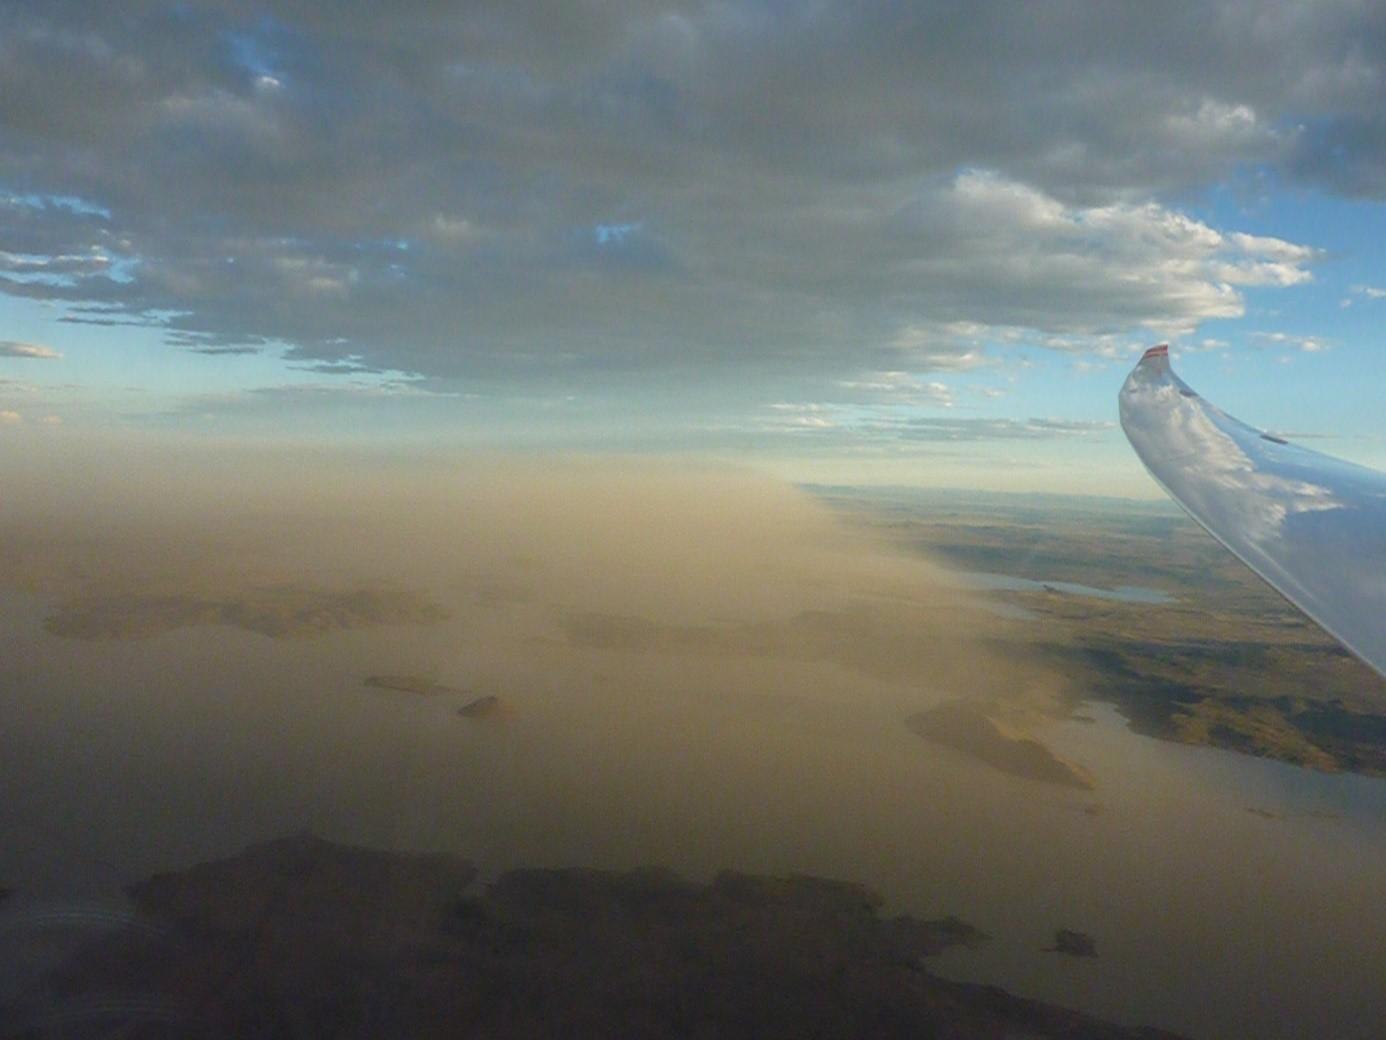 Sandsturm in der Karoo/Südafrika: ausgelöst durch Überentwicklungen und heftige Regenfälle in der Gegend von Kimberley (aufgenommen 2009 über Gariep Dam)